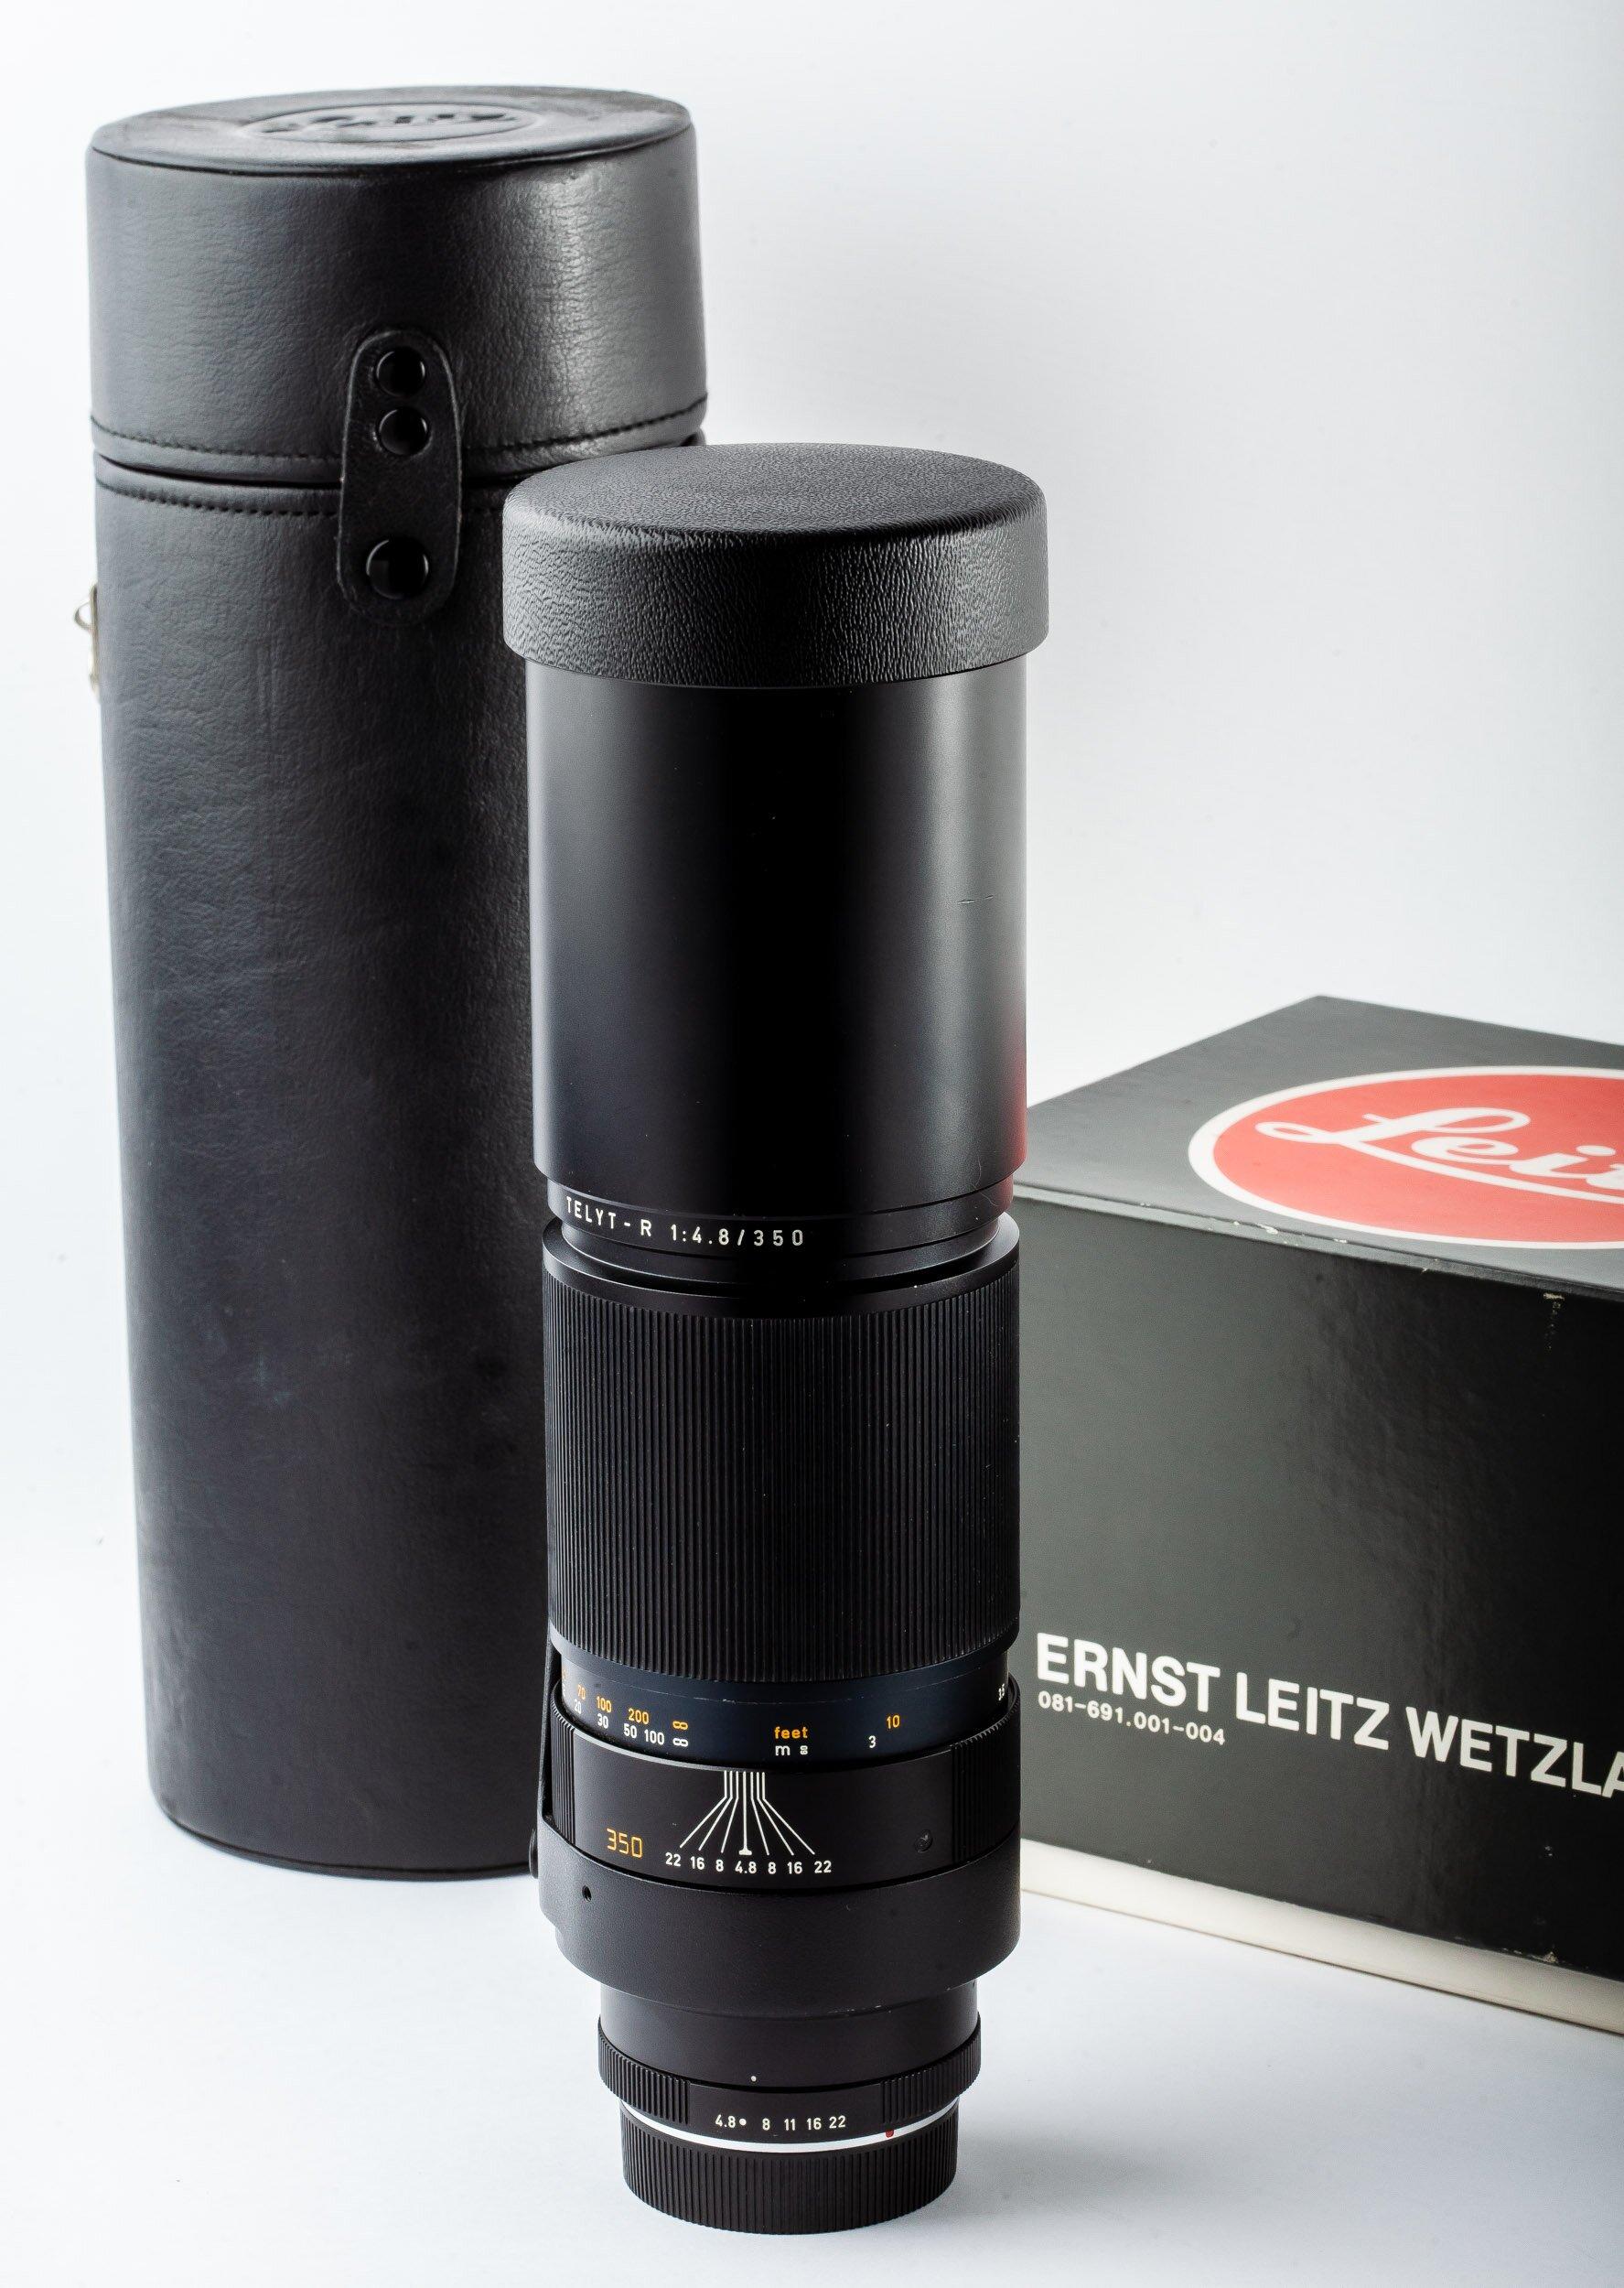 Leica Telyt-R 4,8/350mm